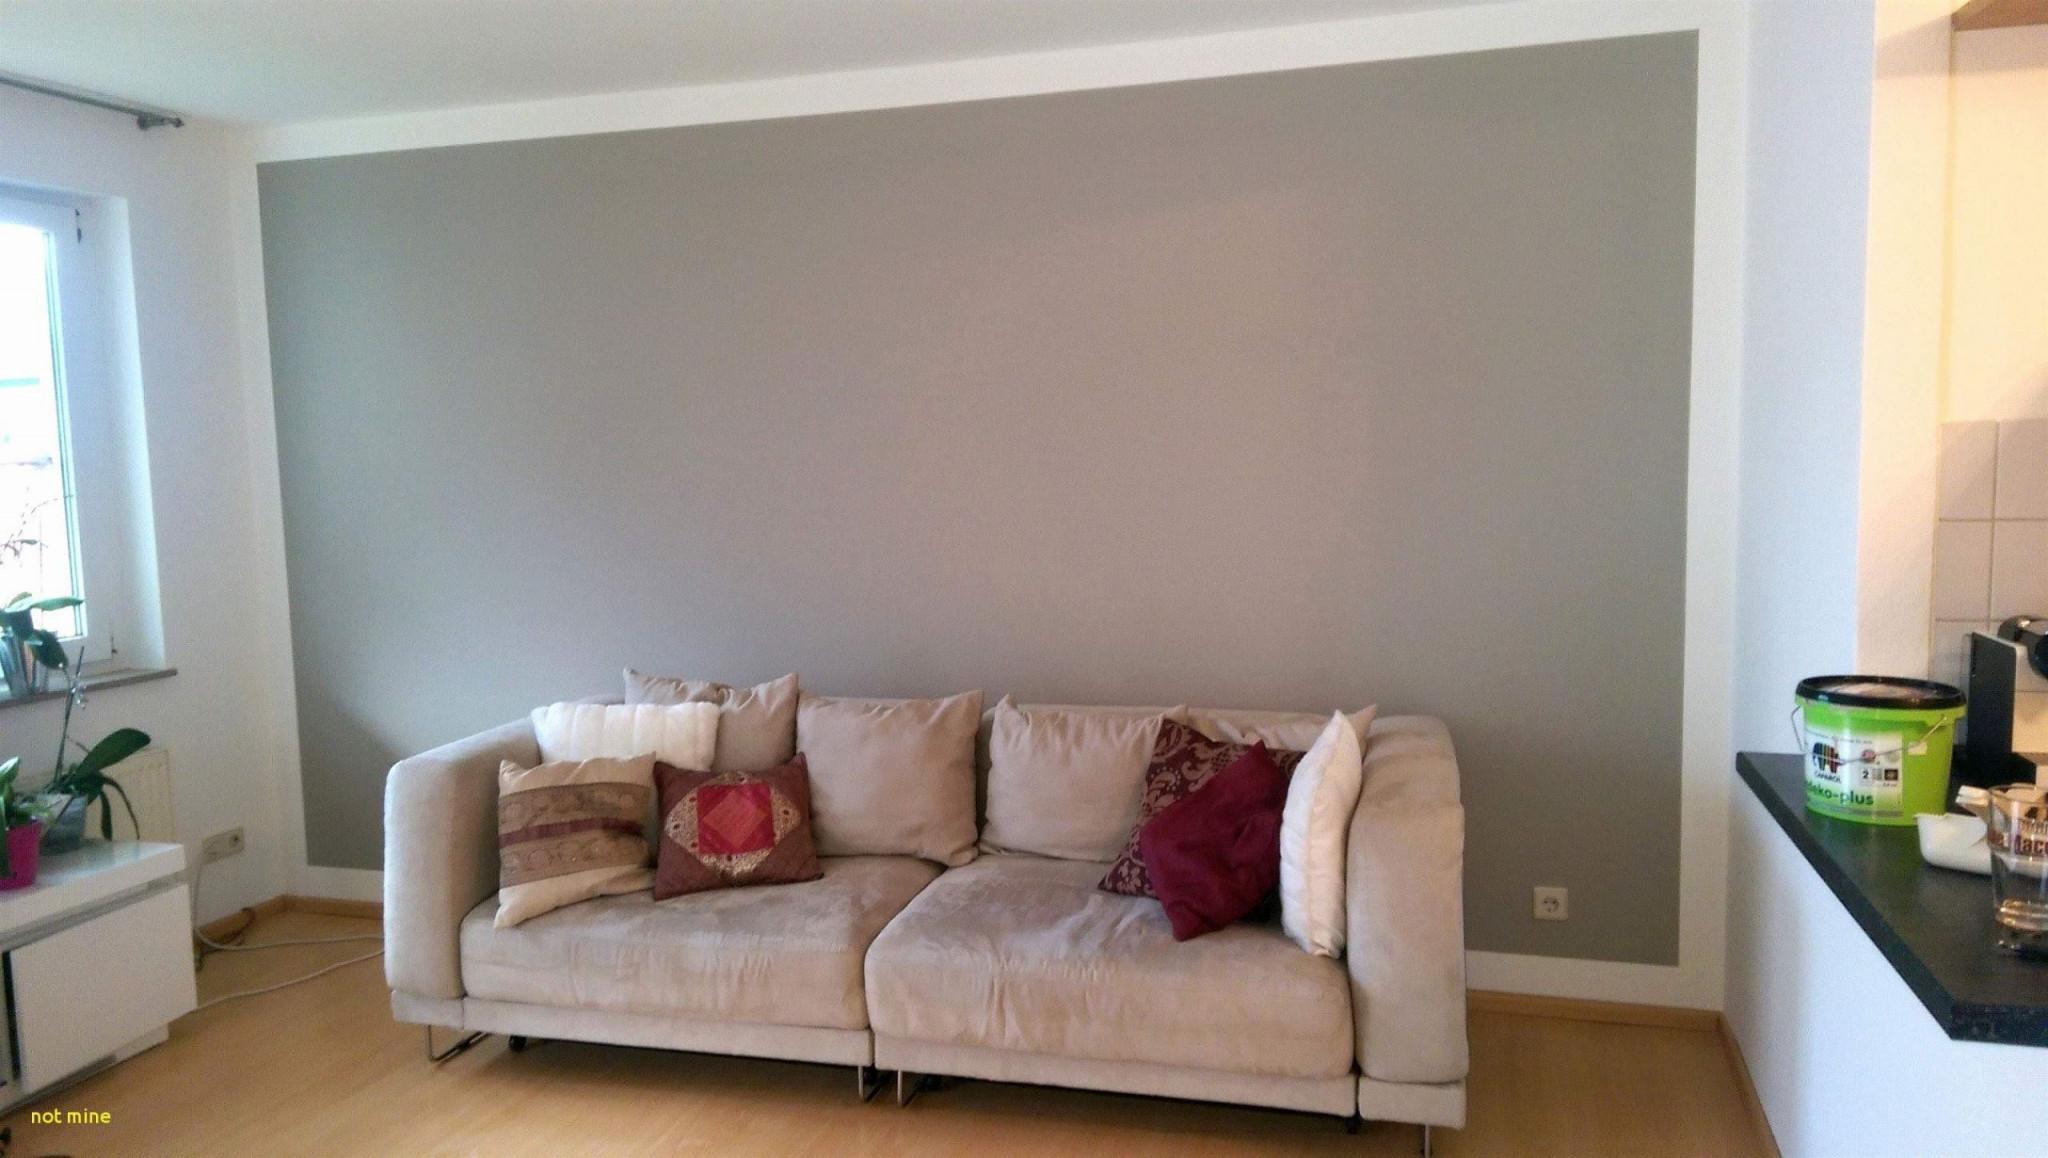 Wandgestaltung Wand Streichen Ideen Wohnzimmer – Caseconrad von Wohnzimmer Wände Gestalten Farbe Photo